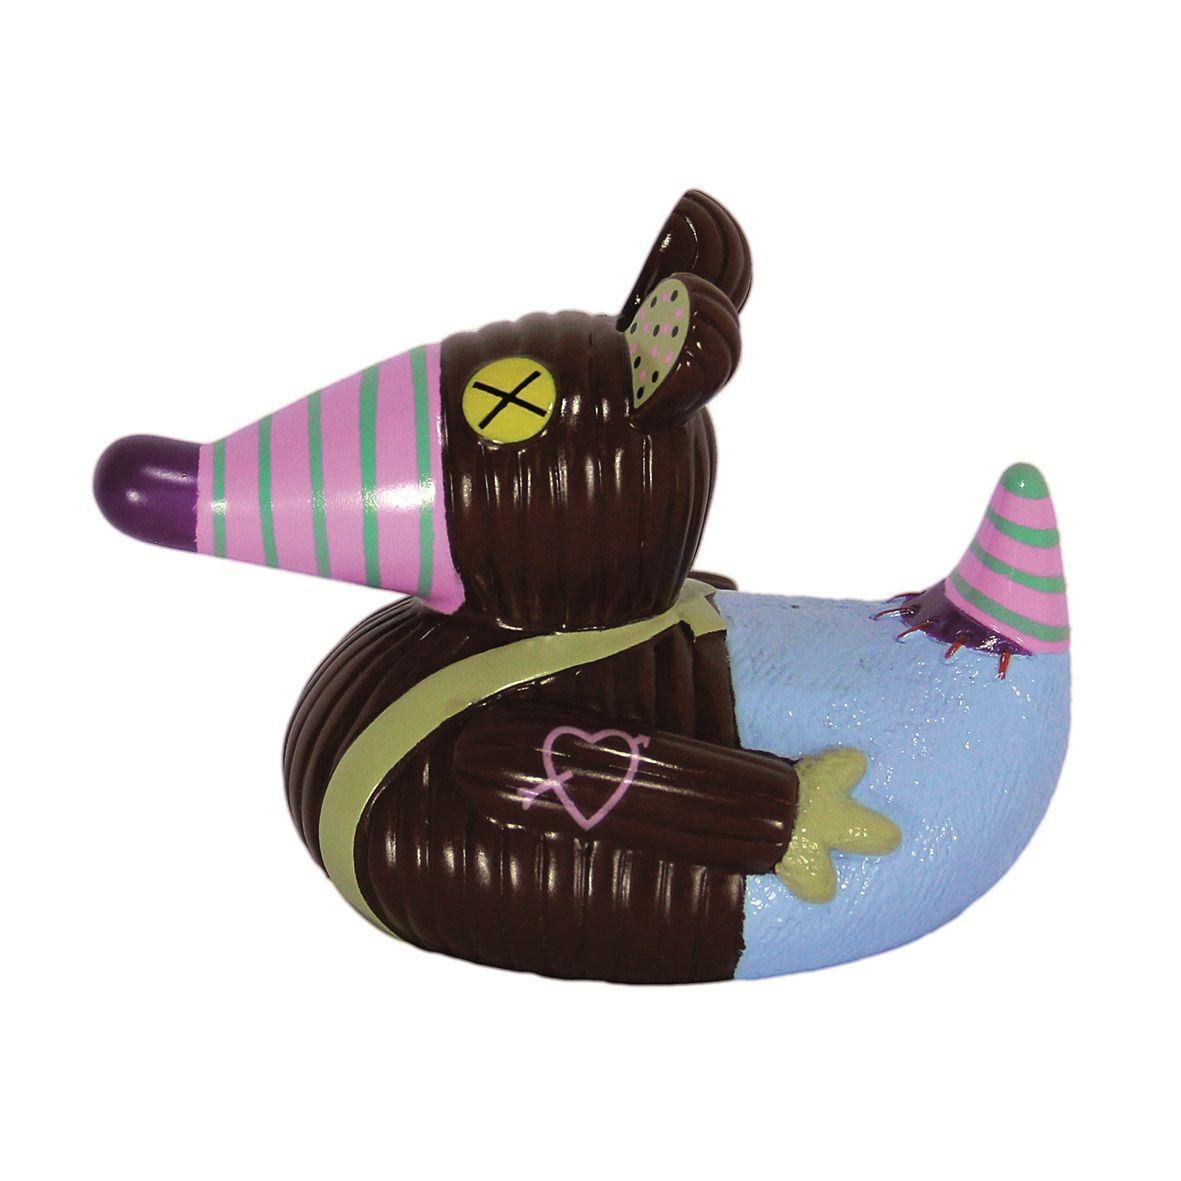 Pato de Banho Ratos, o Rato - Les Deglingos